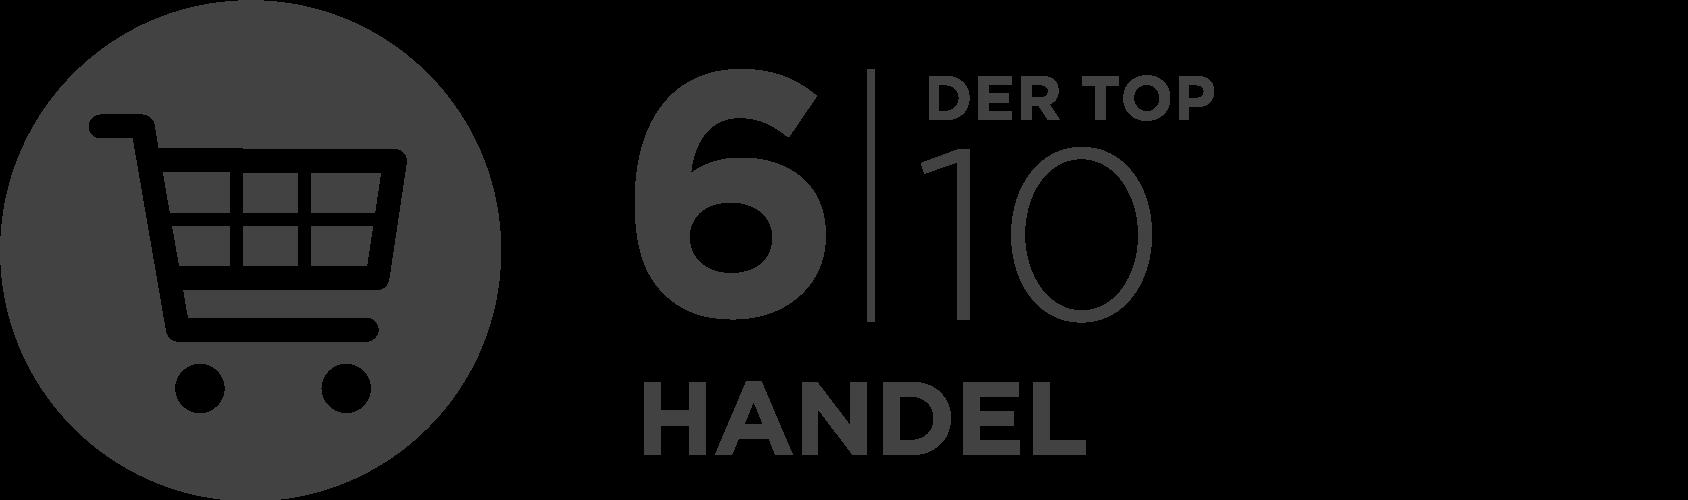 Handel-quer-DE.png